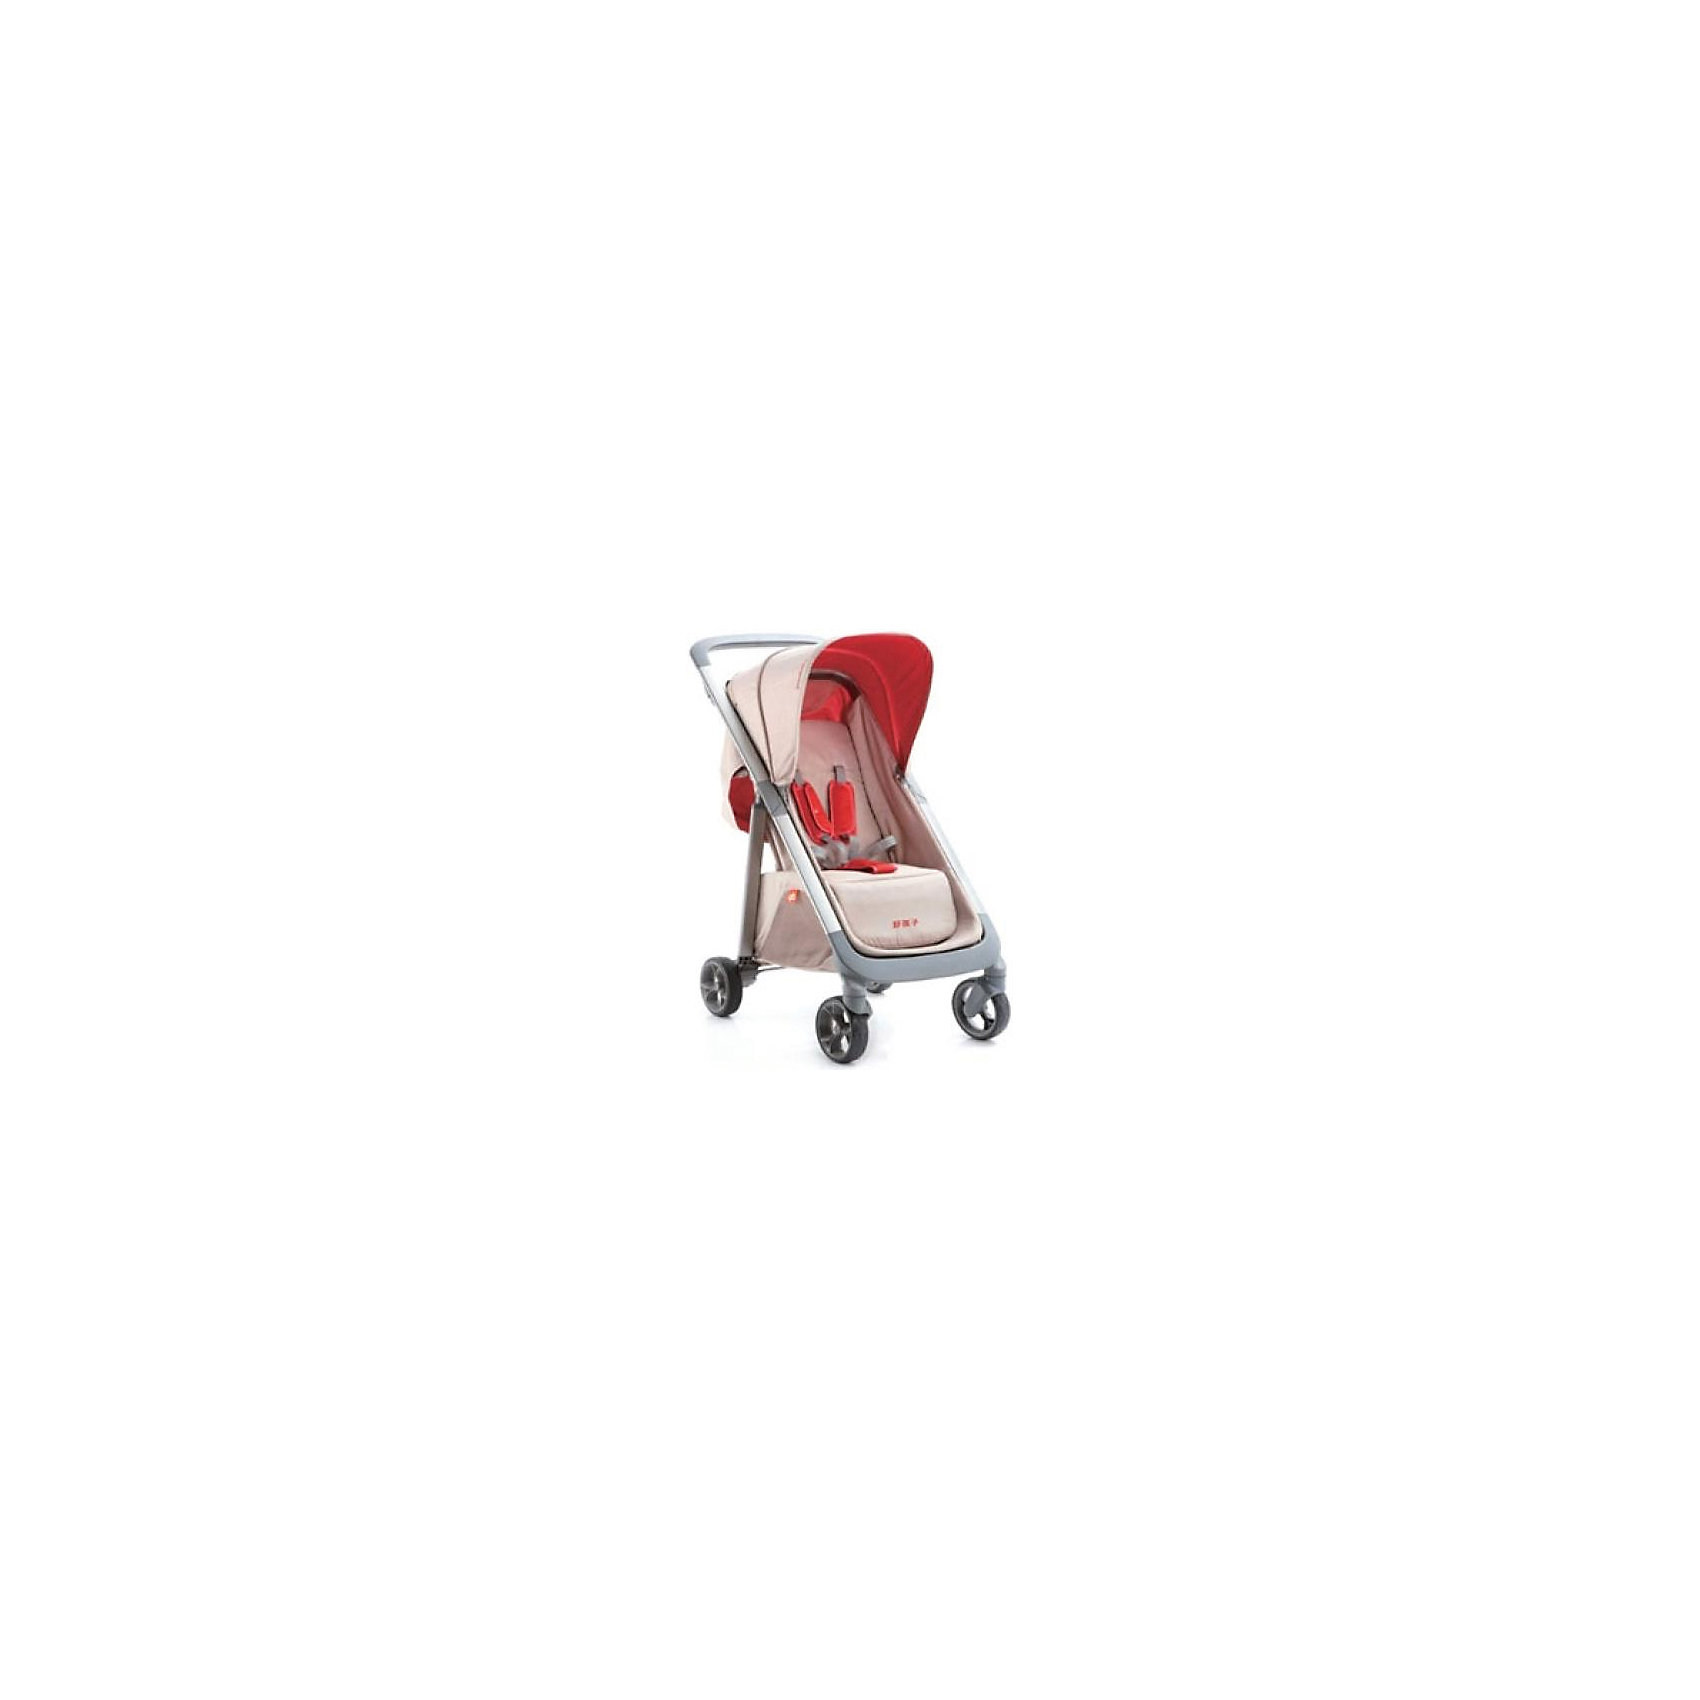 Прогулочная коляска C1020, Geoby, бежевый/красныйПрогулочная коляска GB C1020 идеально подходит для повседневных прогулок и похода по магазинам всей семьей. Компактная, легкая коляска для детей возрасте от 7-ми месяцев до 3-х лет. Для достижения оптимального комфорта при езде вы можете регулировать подставку для ног и спинку до положения полулежа. Система 5-точечных ремней и стояночный тормоз гарантируют высокий уровень безопасности. Корзина для покупок имеет высокие борта, вместительна и удобна. Коляска отличается плавностью хода. В комплекте дождевик на случай непогоды. <br>Характеристика:<br>Алюминиевая рама<br>Плавная регулировка положений спинки<br>Регулируемая подножка<br>Смотровое окно на тенте<br>Поворотные передние колеса с фиксаторами<br>Система ремней безопасности<br>Устойчивость в сложенном виде<br>Багажная корзина.<br>В комплекте: дождевик.<br>Ширина коляски: 47 см.<br>Диаметр колес: 14 см.<br>Вес коляски: 8,7 кг.<br><br>Ширина мм: 520<br>Глубина мм: 390<br>Высота мм: 845<br>Вес г: 8700<br>Возраст от месяцев: 7<br>Возраст до месяцев: 36<br>Пол: Унисекс<br>Возраст: Детский<br>SKU: 5584596